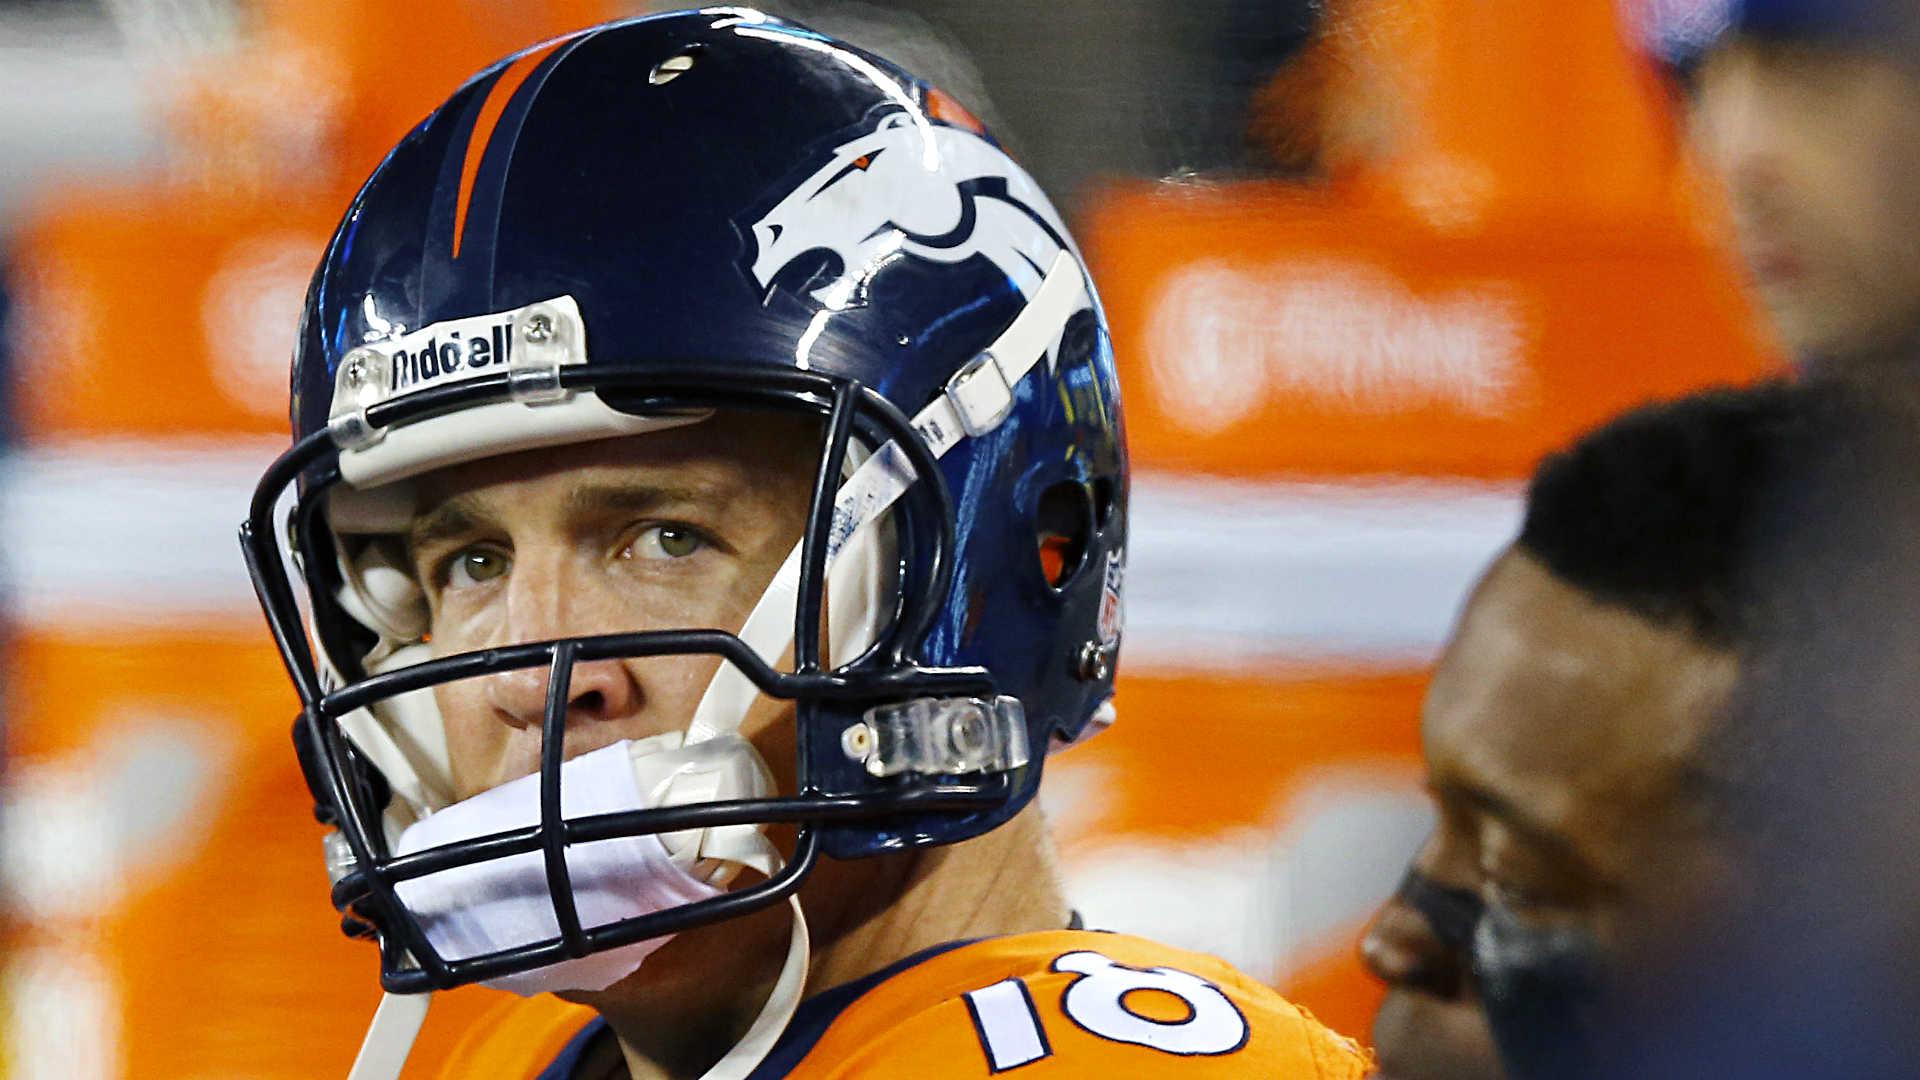 Peyton-Manning-042314-AP-FTR